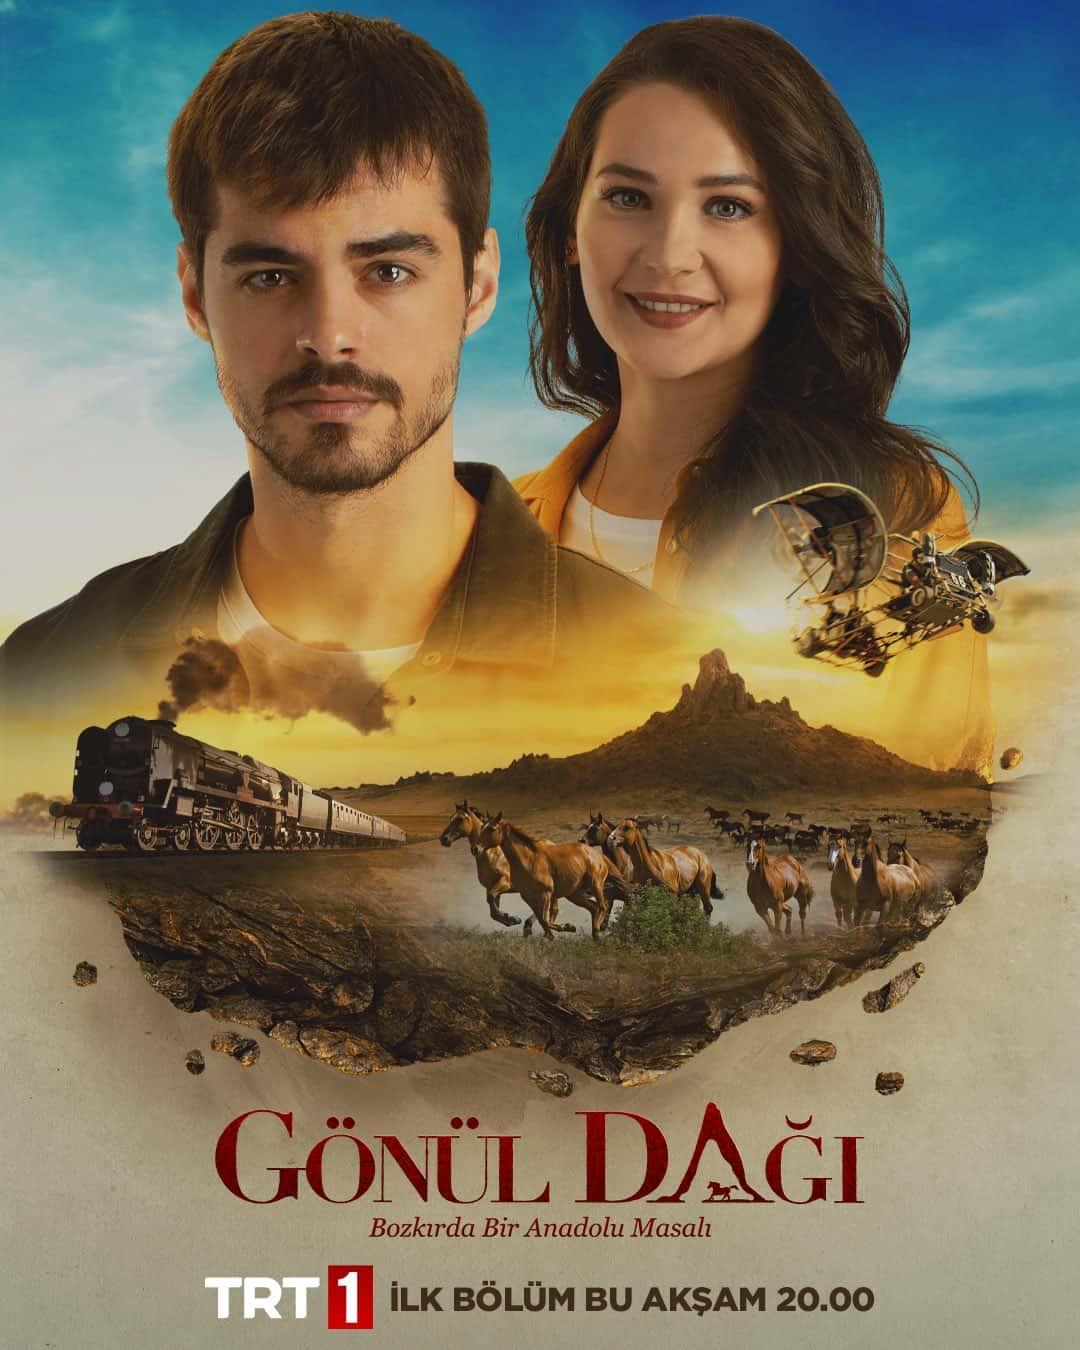 Gonul Dagi dizisi tekrar bolumleri ne zaman